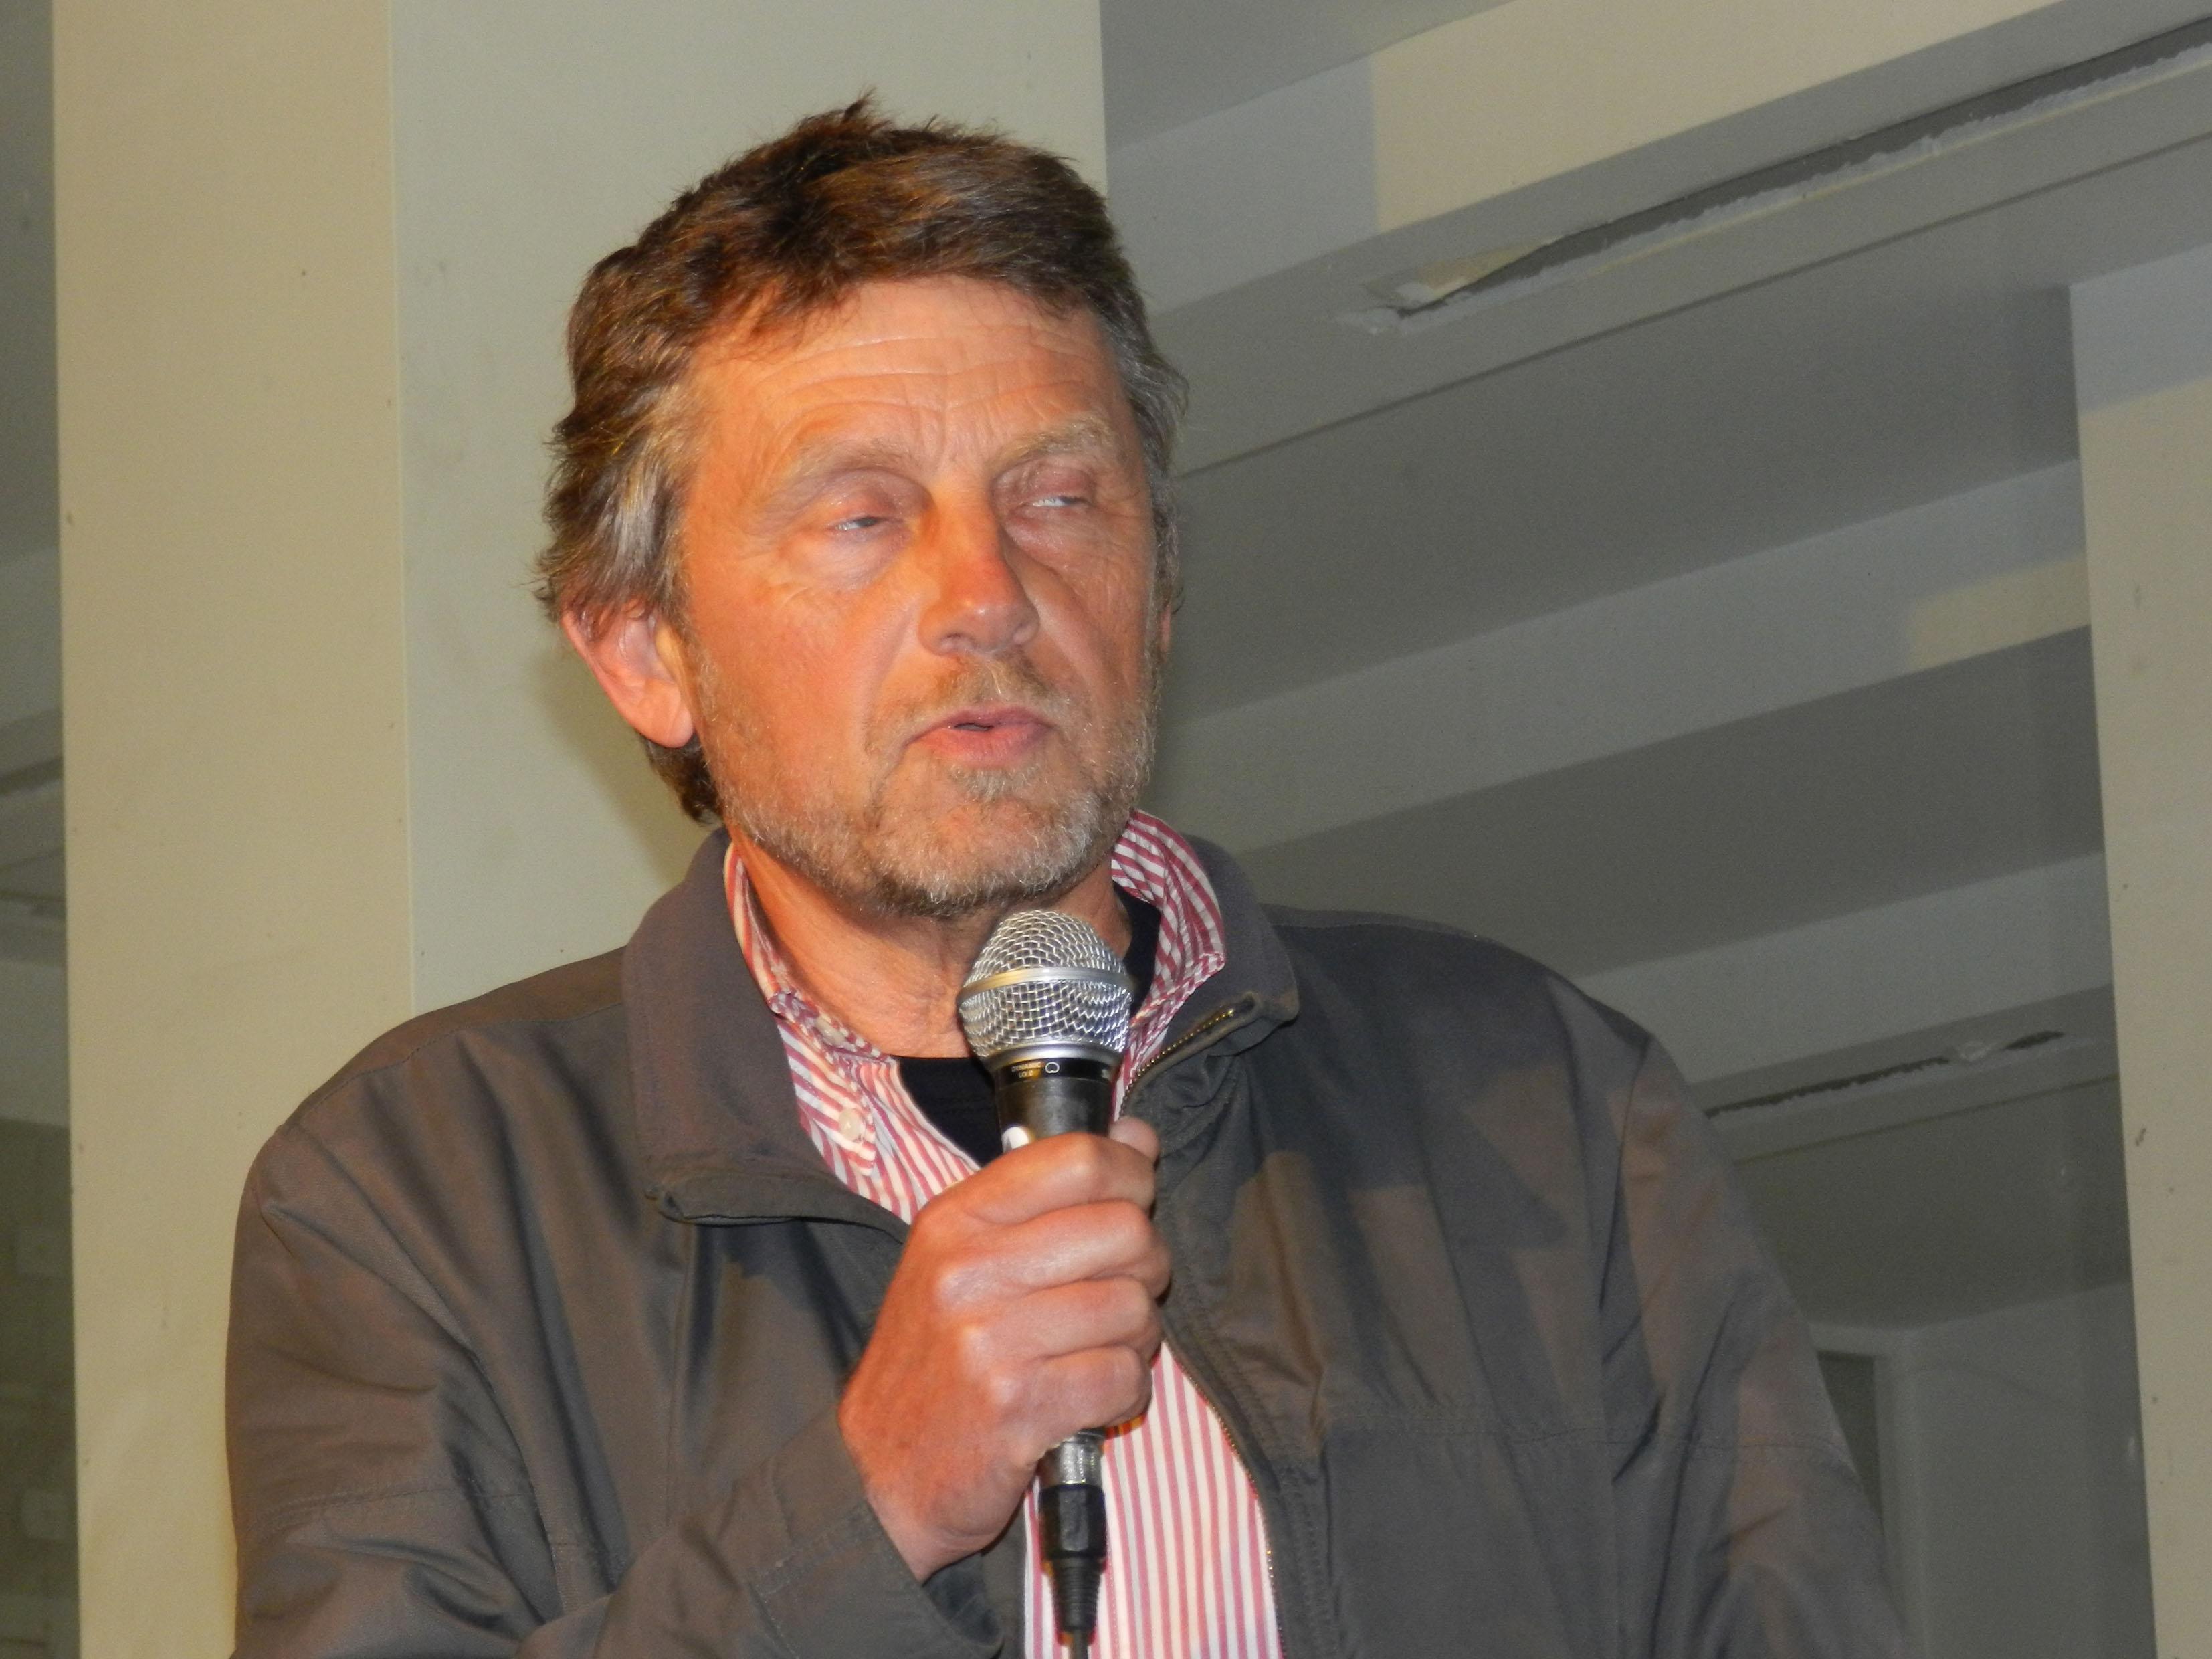 Ο Στέργιος Μήτας συνομιλεί με το κοινό για την ταινία του.